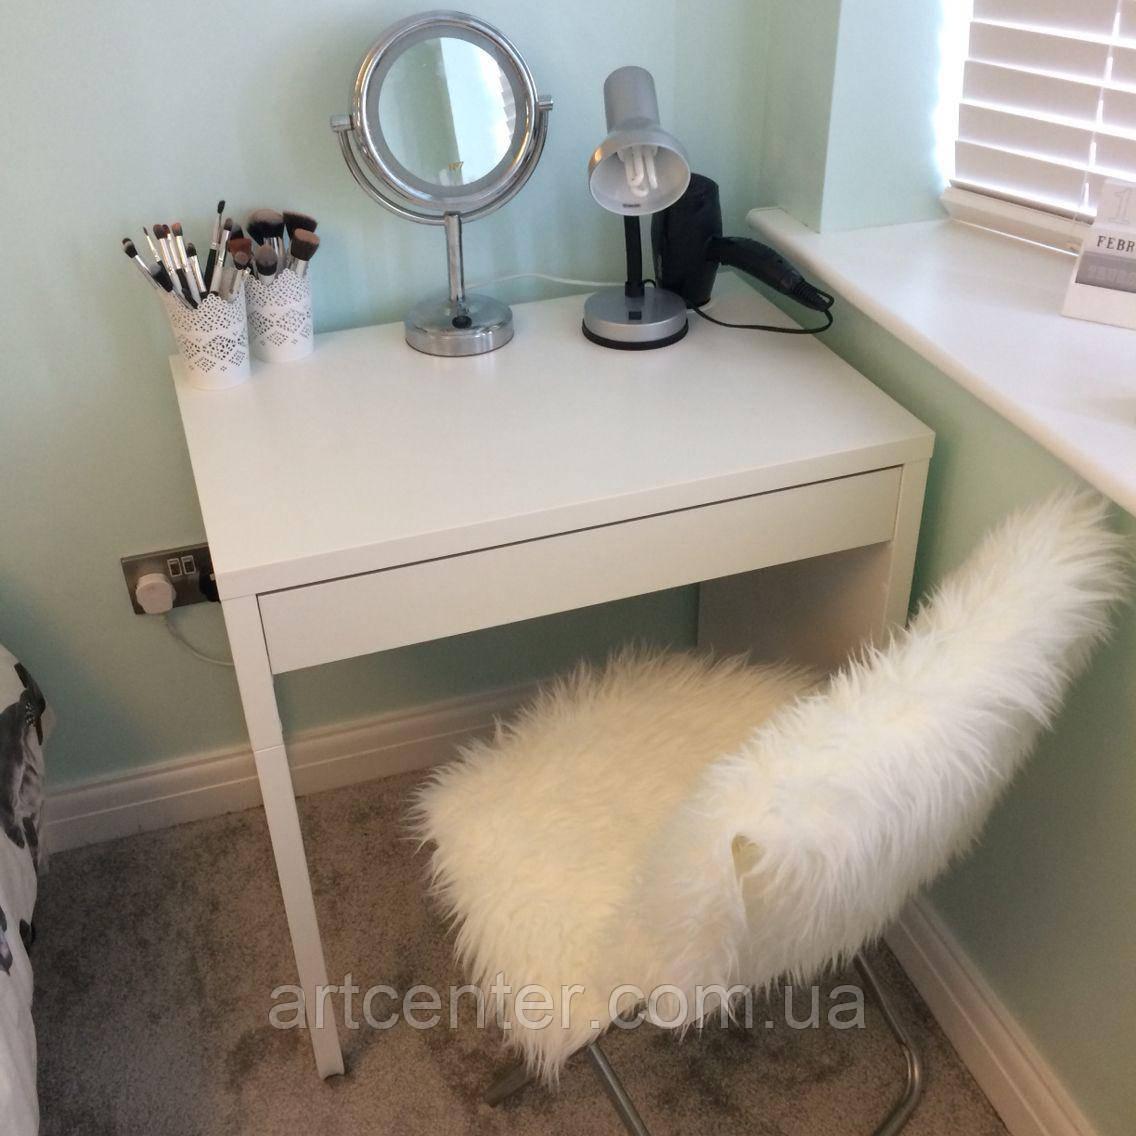 Туалетный столик белый, гримерный столик, стол для визажиста